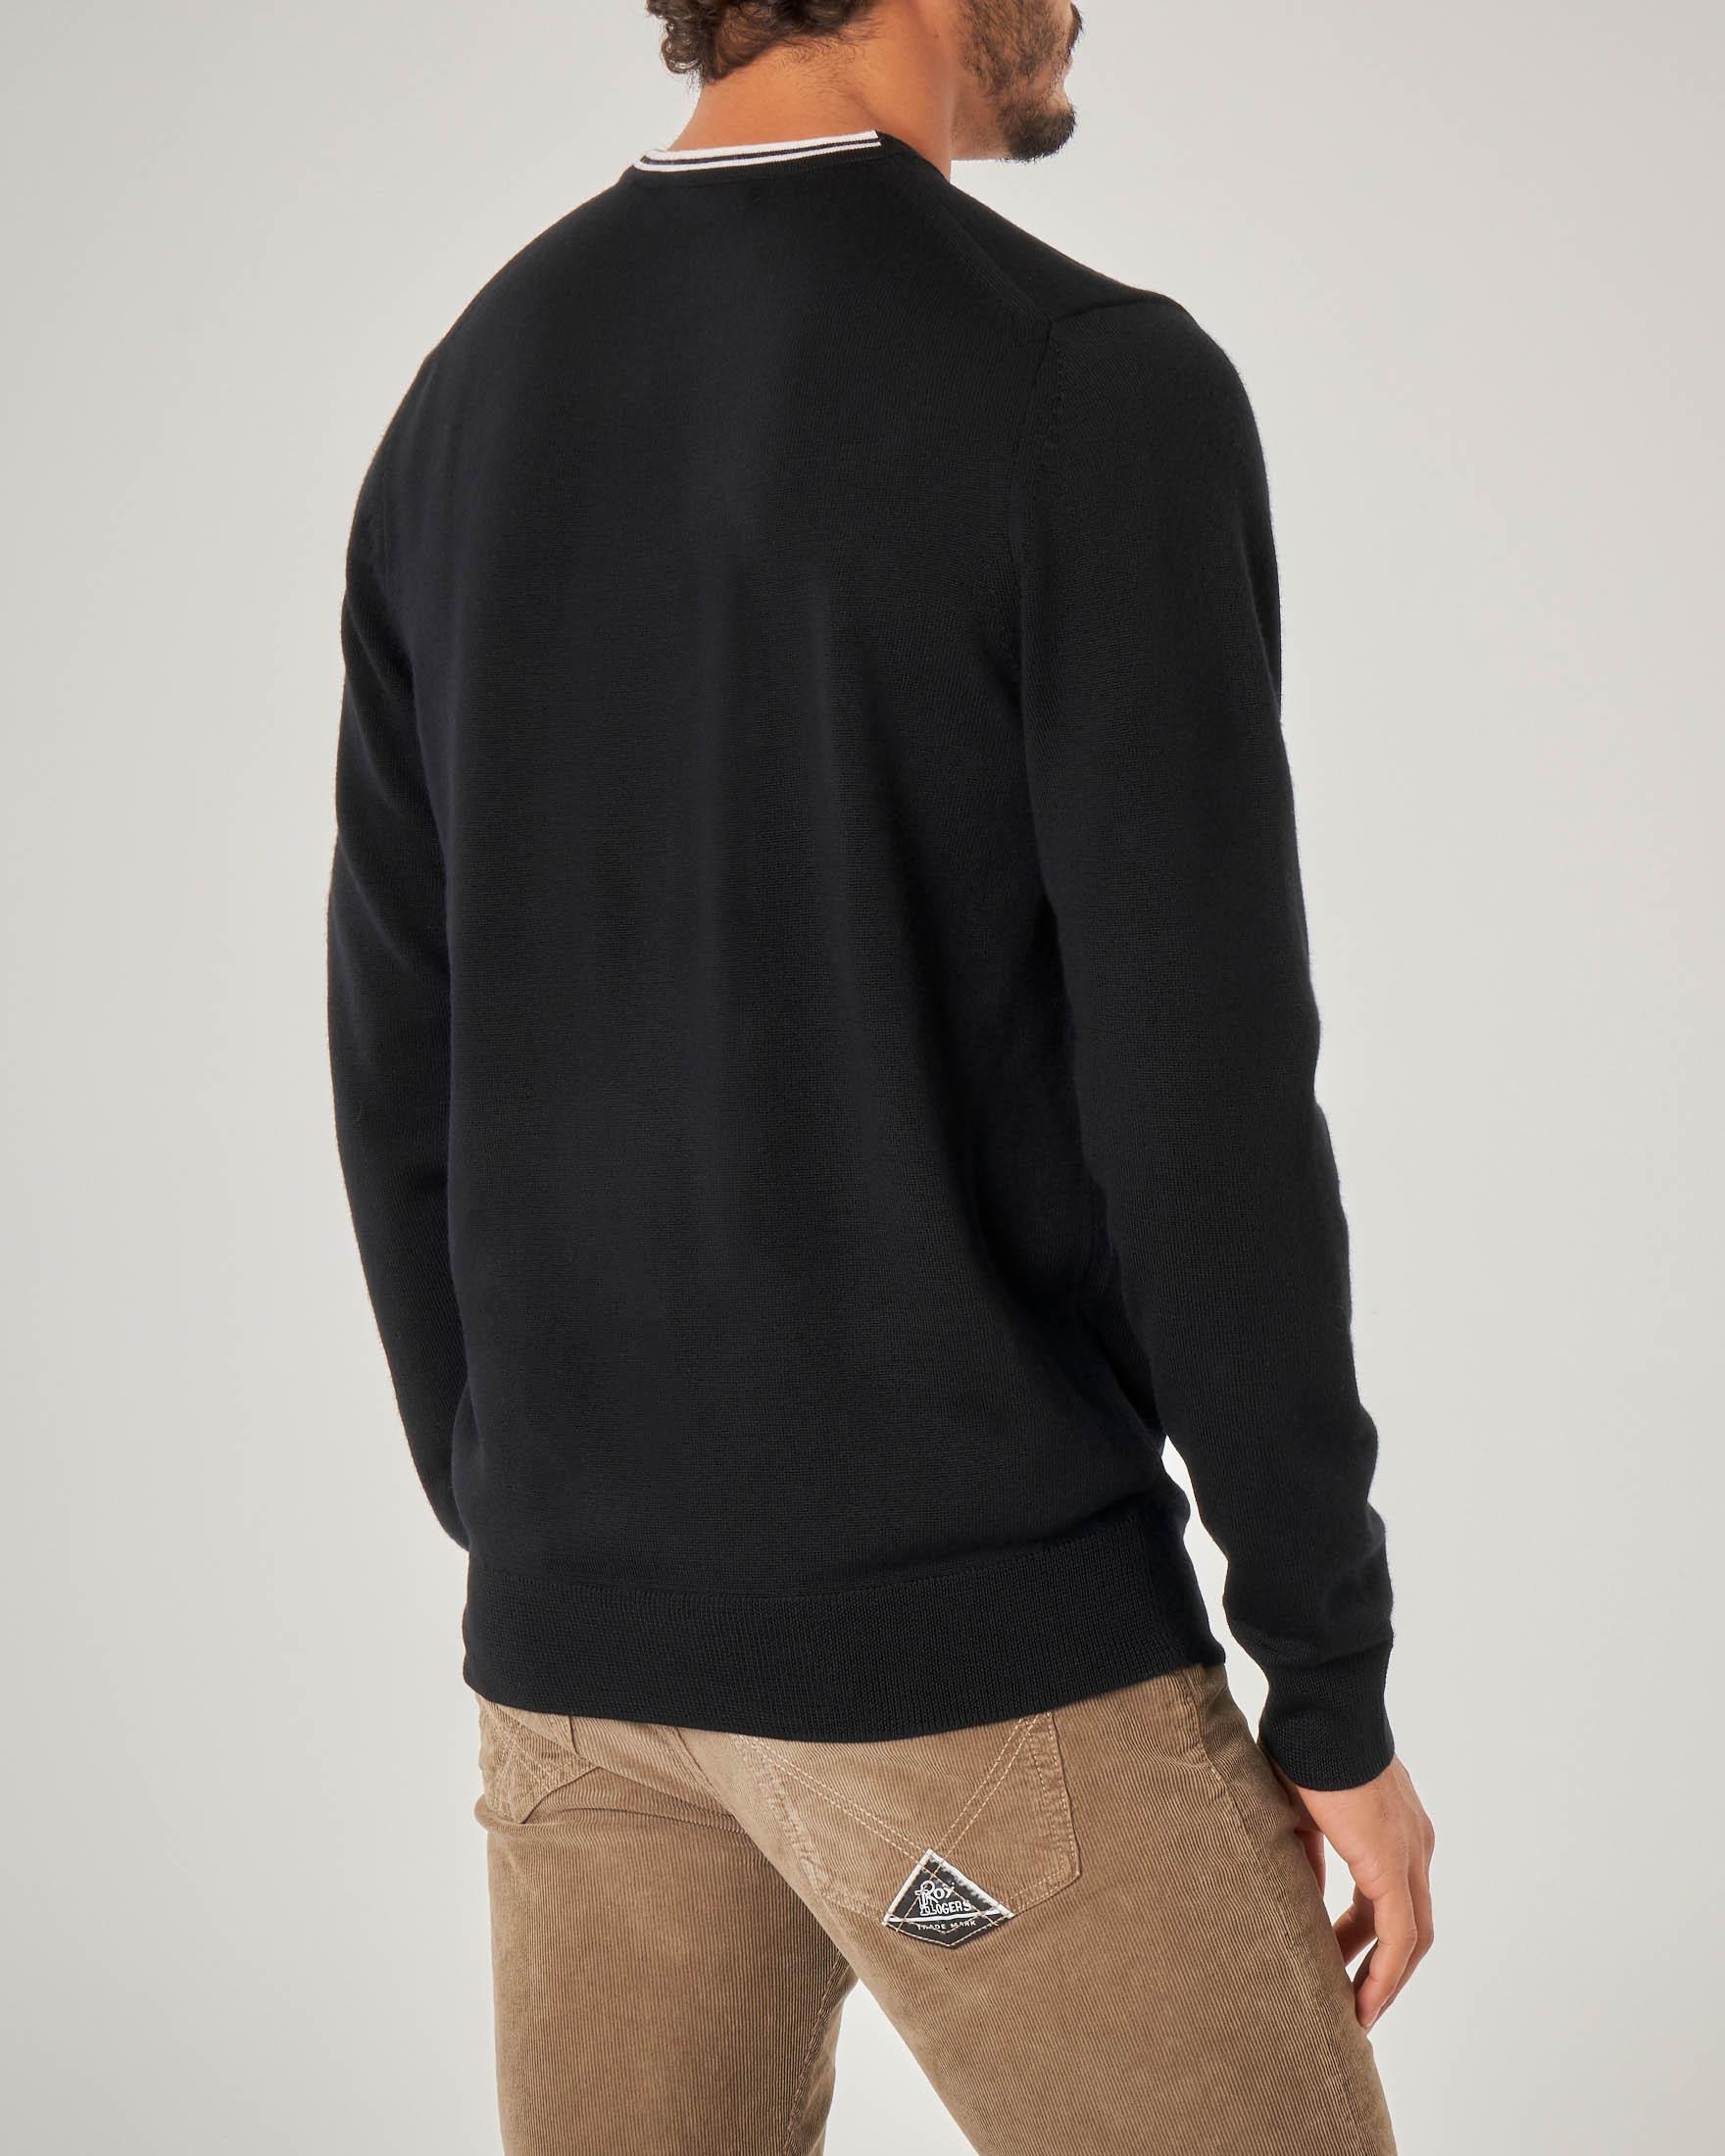 Maglia nera in lana merino girocollo